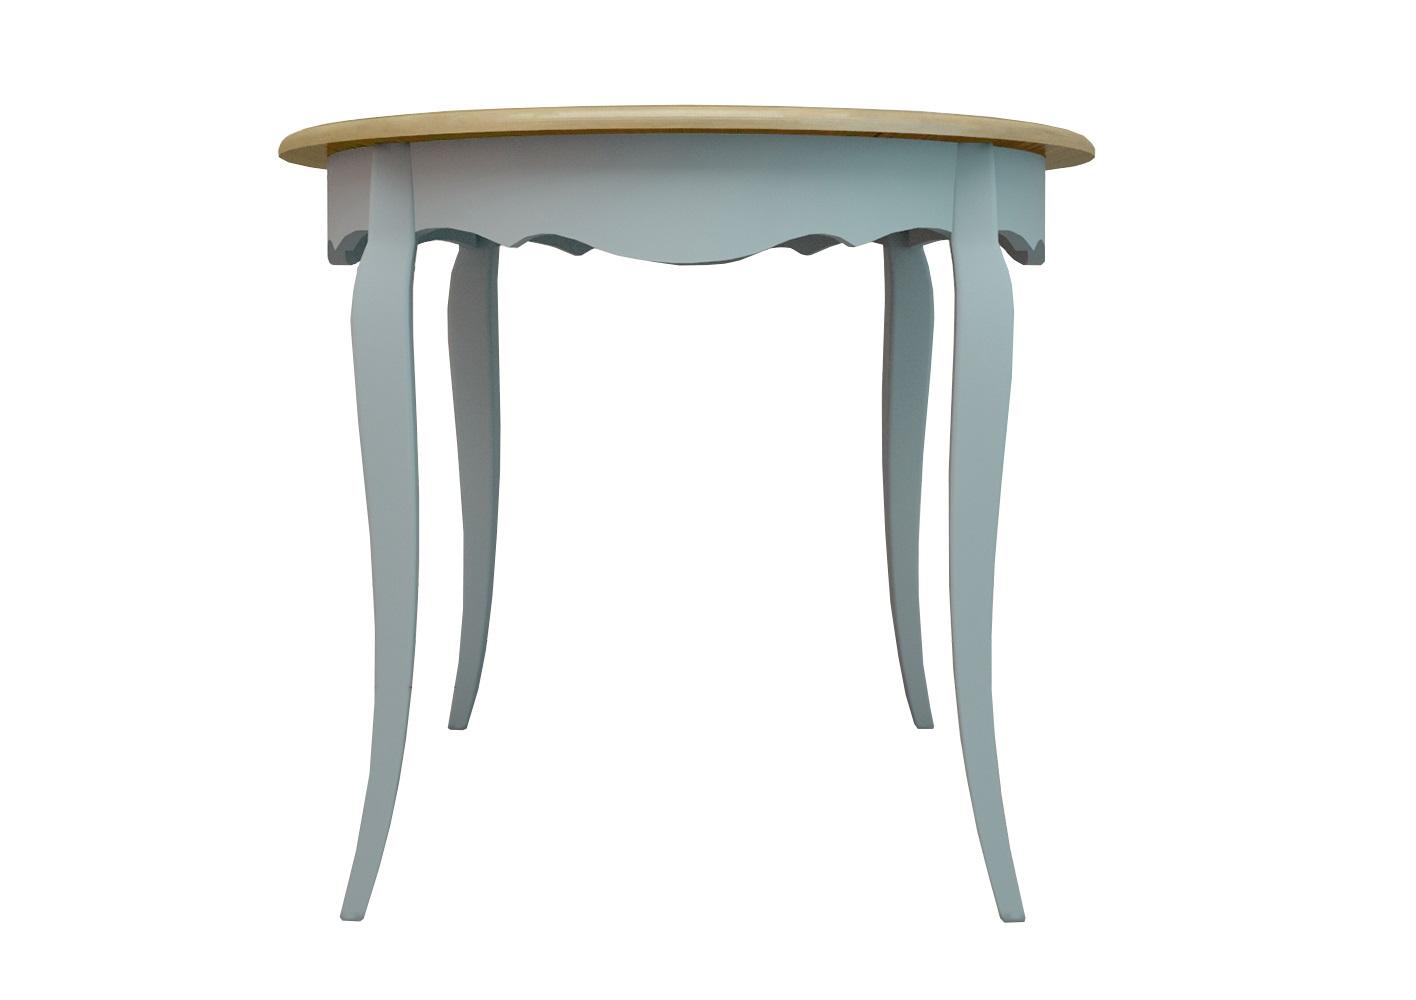 Стол обеденный LeontinaОбеденные столы<br><br><br>Material: Береза<br>Высота см: 76